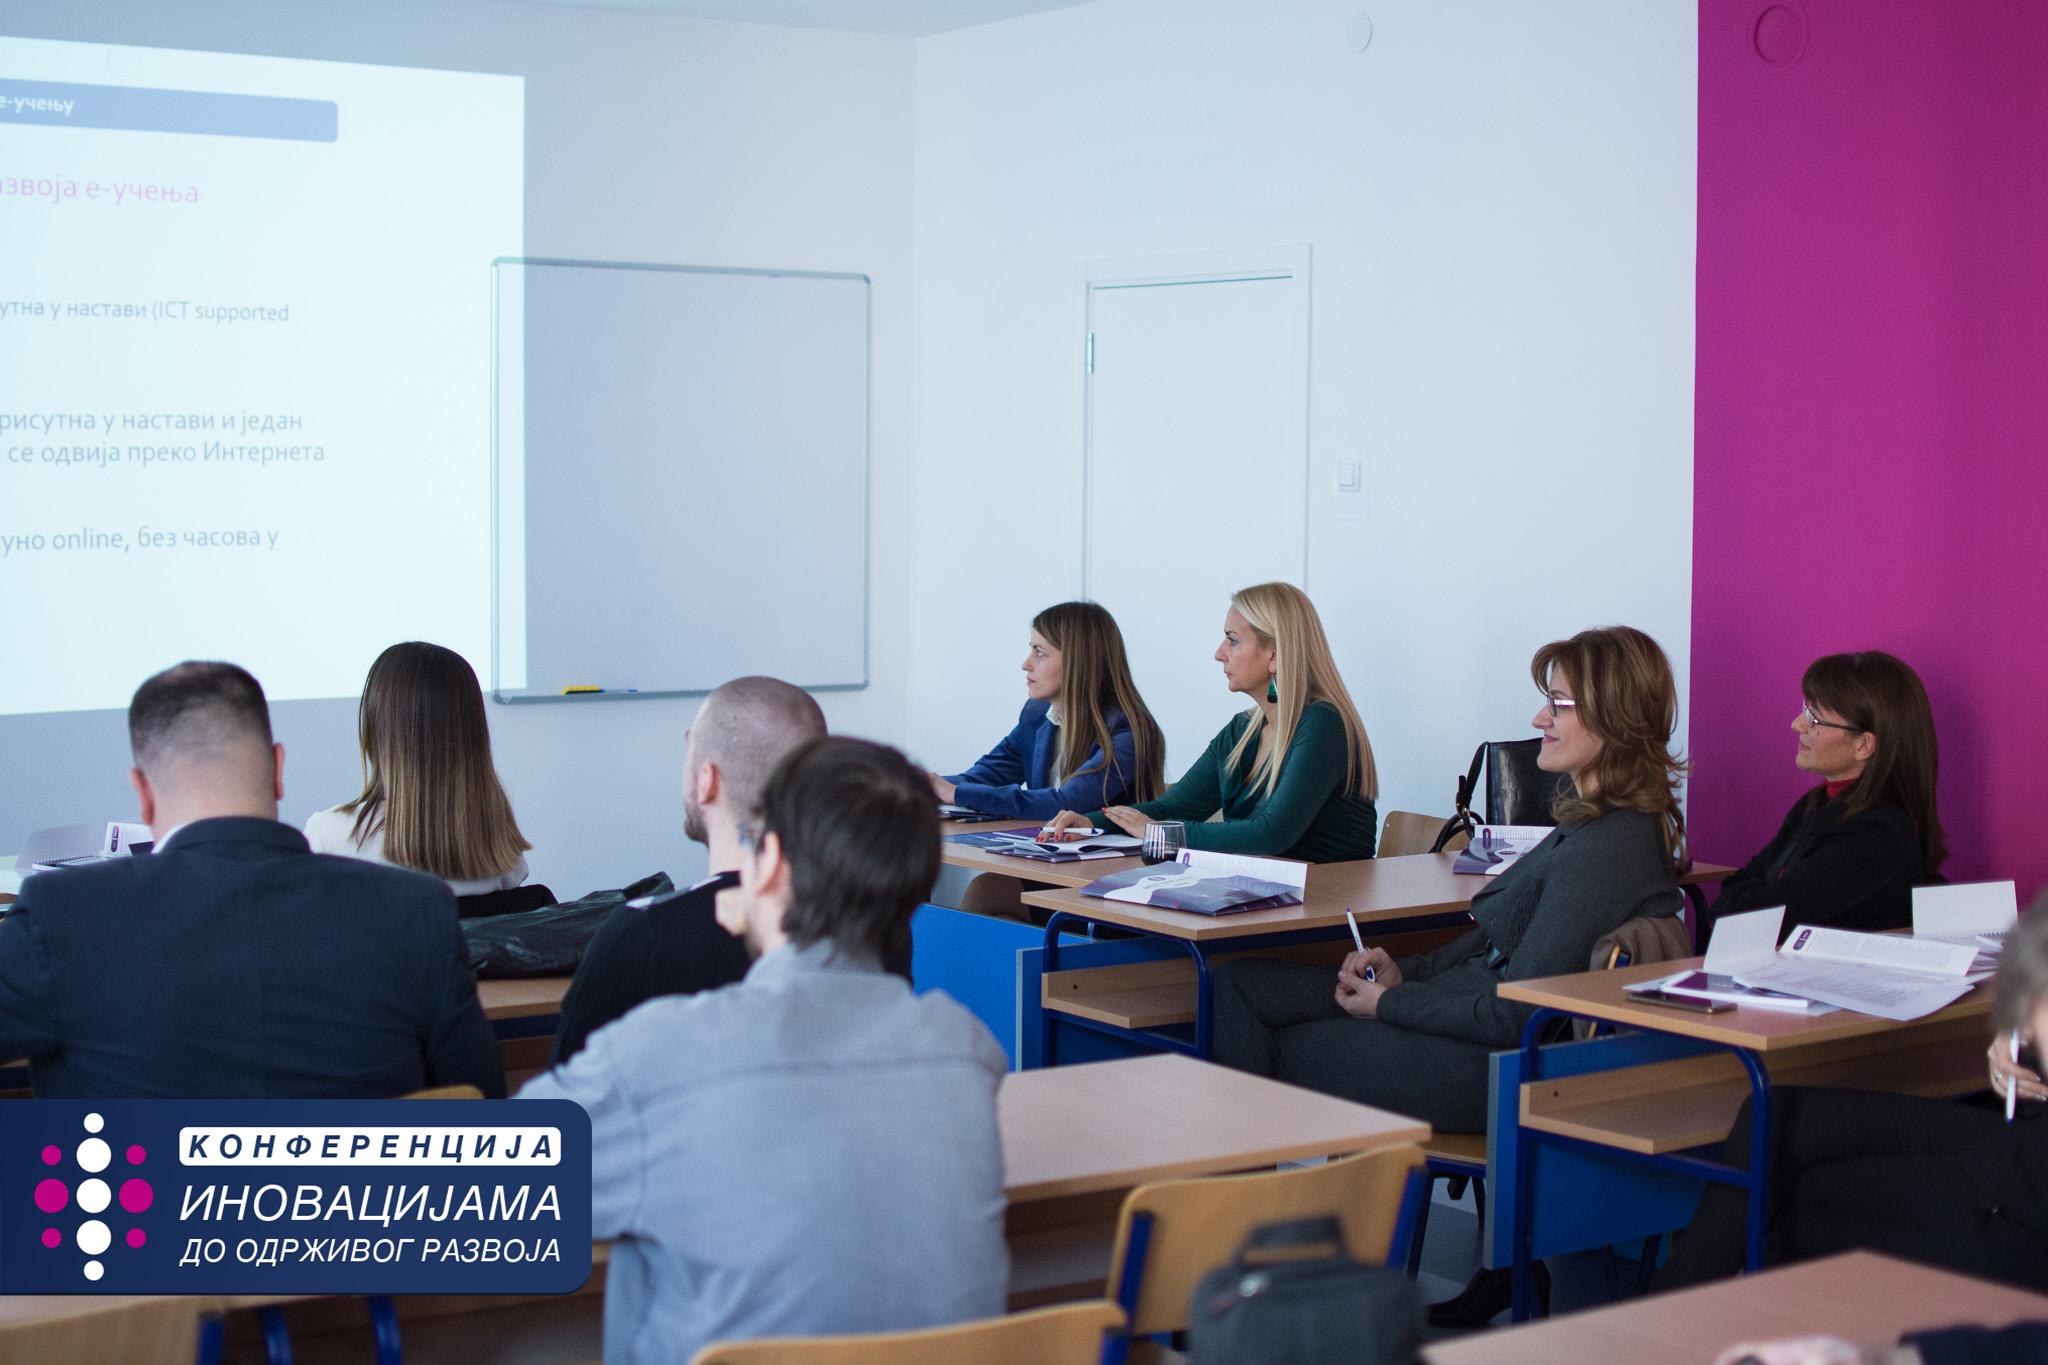 MEF Fakultet - izvestaj sa konferencije 75